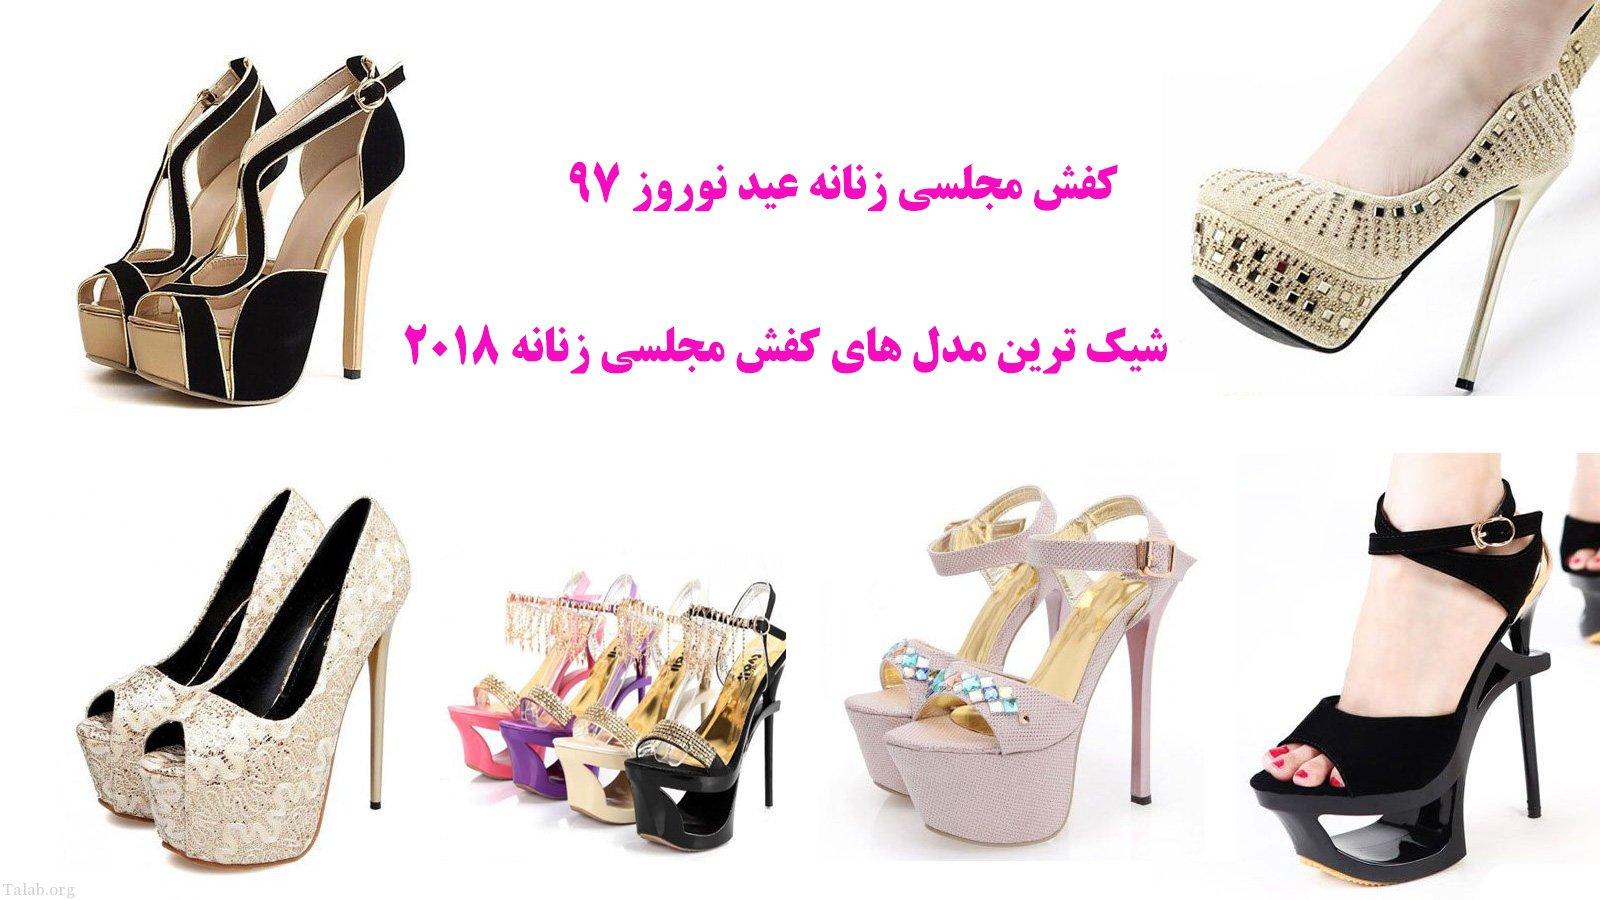 90 مدل کفش مجلسی زنانه | زیباترین مدل کفش های مجلسی دخترانه زنانه 1400 – 2021